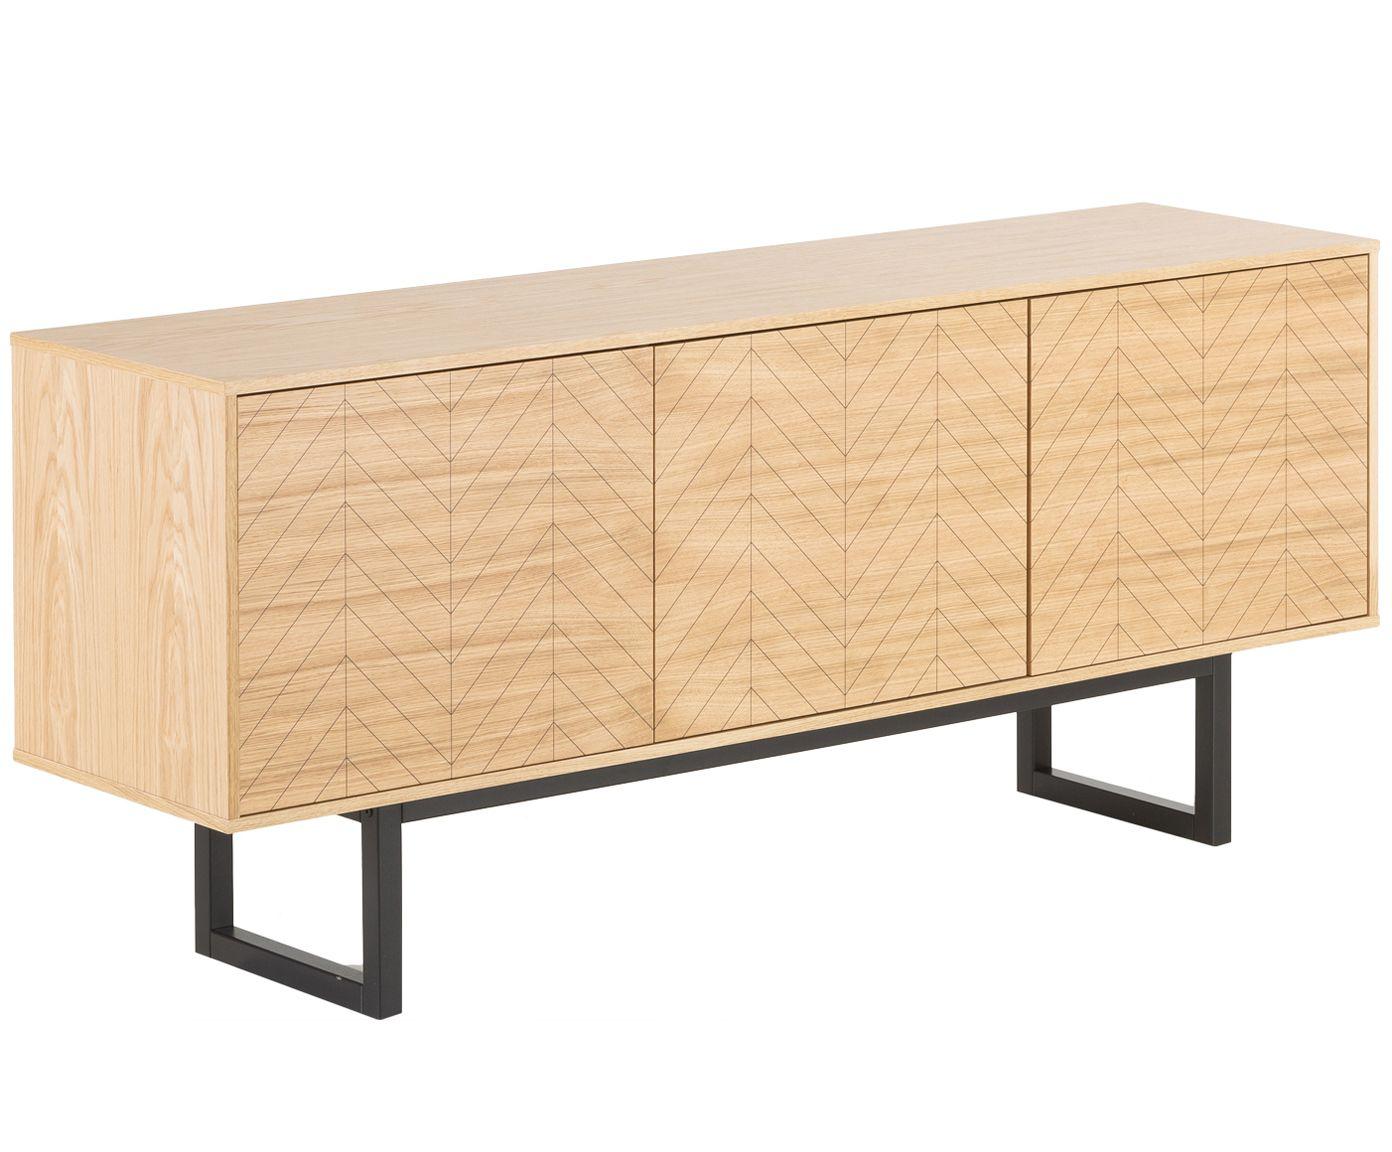 Sideboard Camden Mit Türen Und Eichenholzfurnier Westwingnow Eiche Möbel Sideboard Hochwertige Möbel